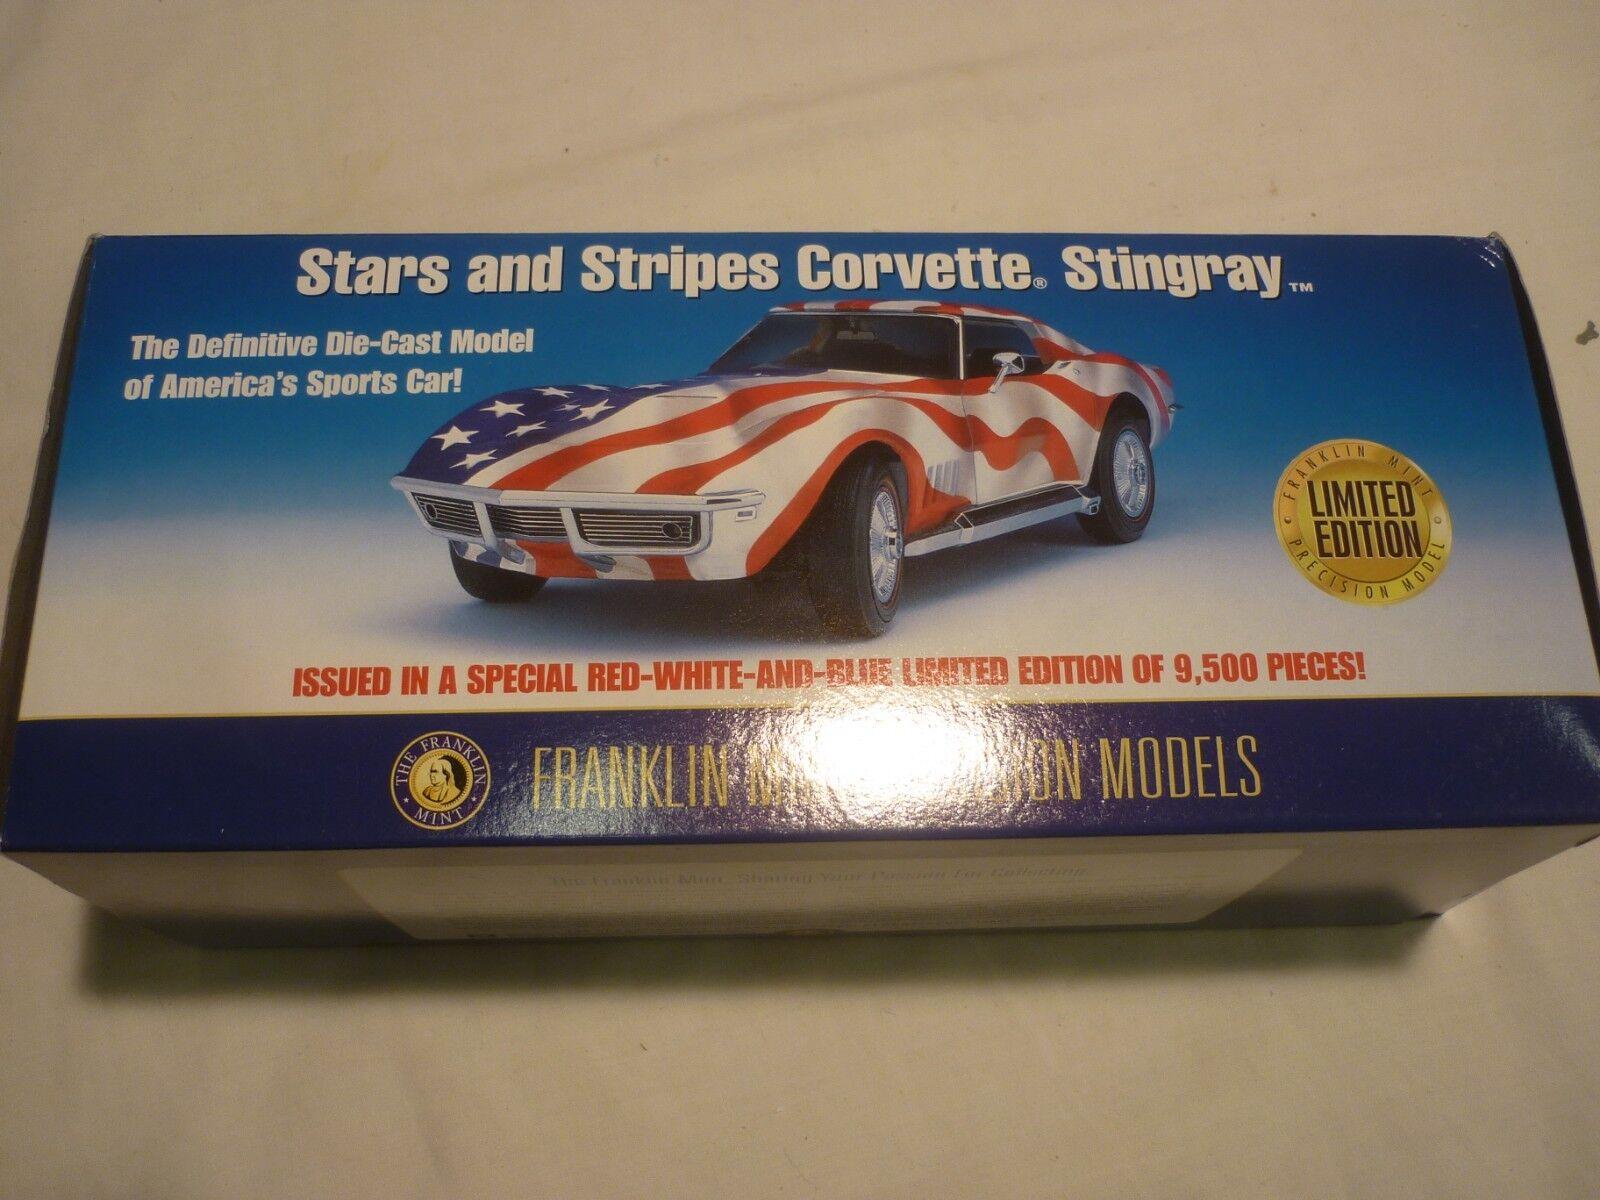 A la venta con descuento del 70%. Franklin Mint Escala Modelo de un 1969 1969 1969 Chevrolet Corvette  Estrellas & Stripes  en Caja  venderse como panqueques